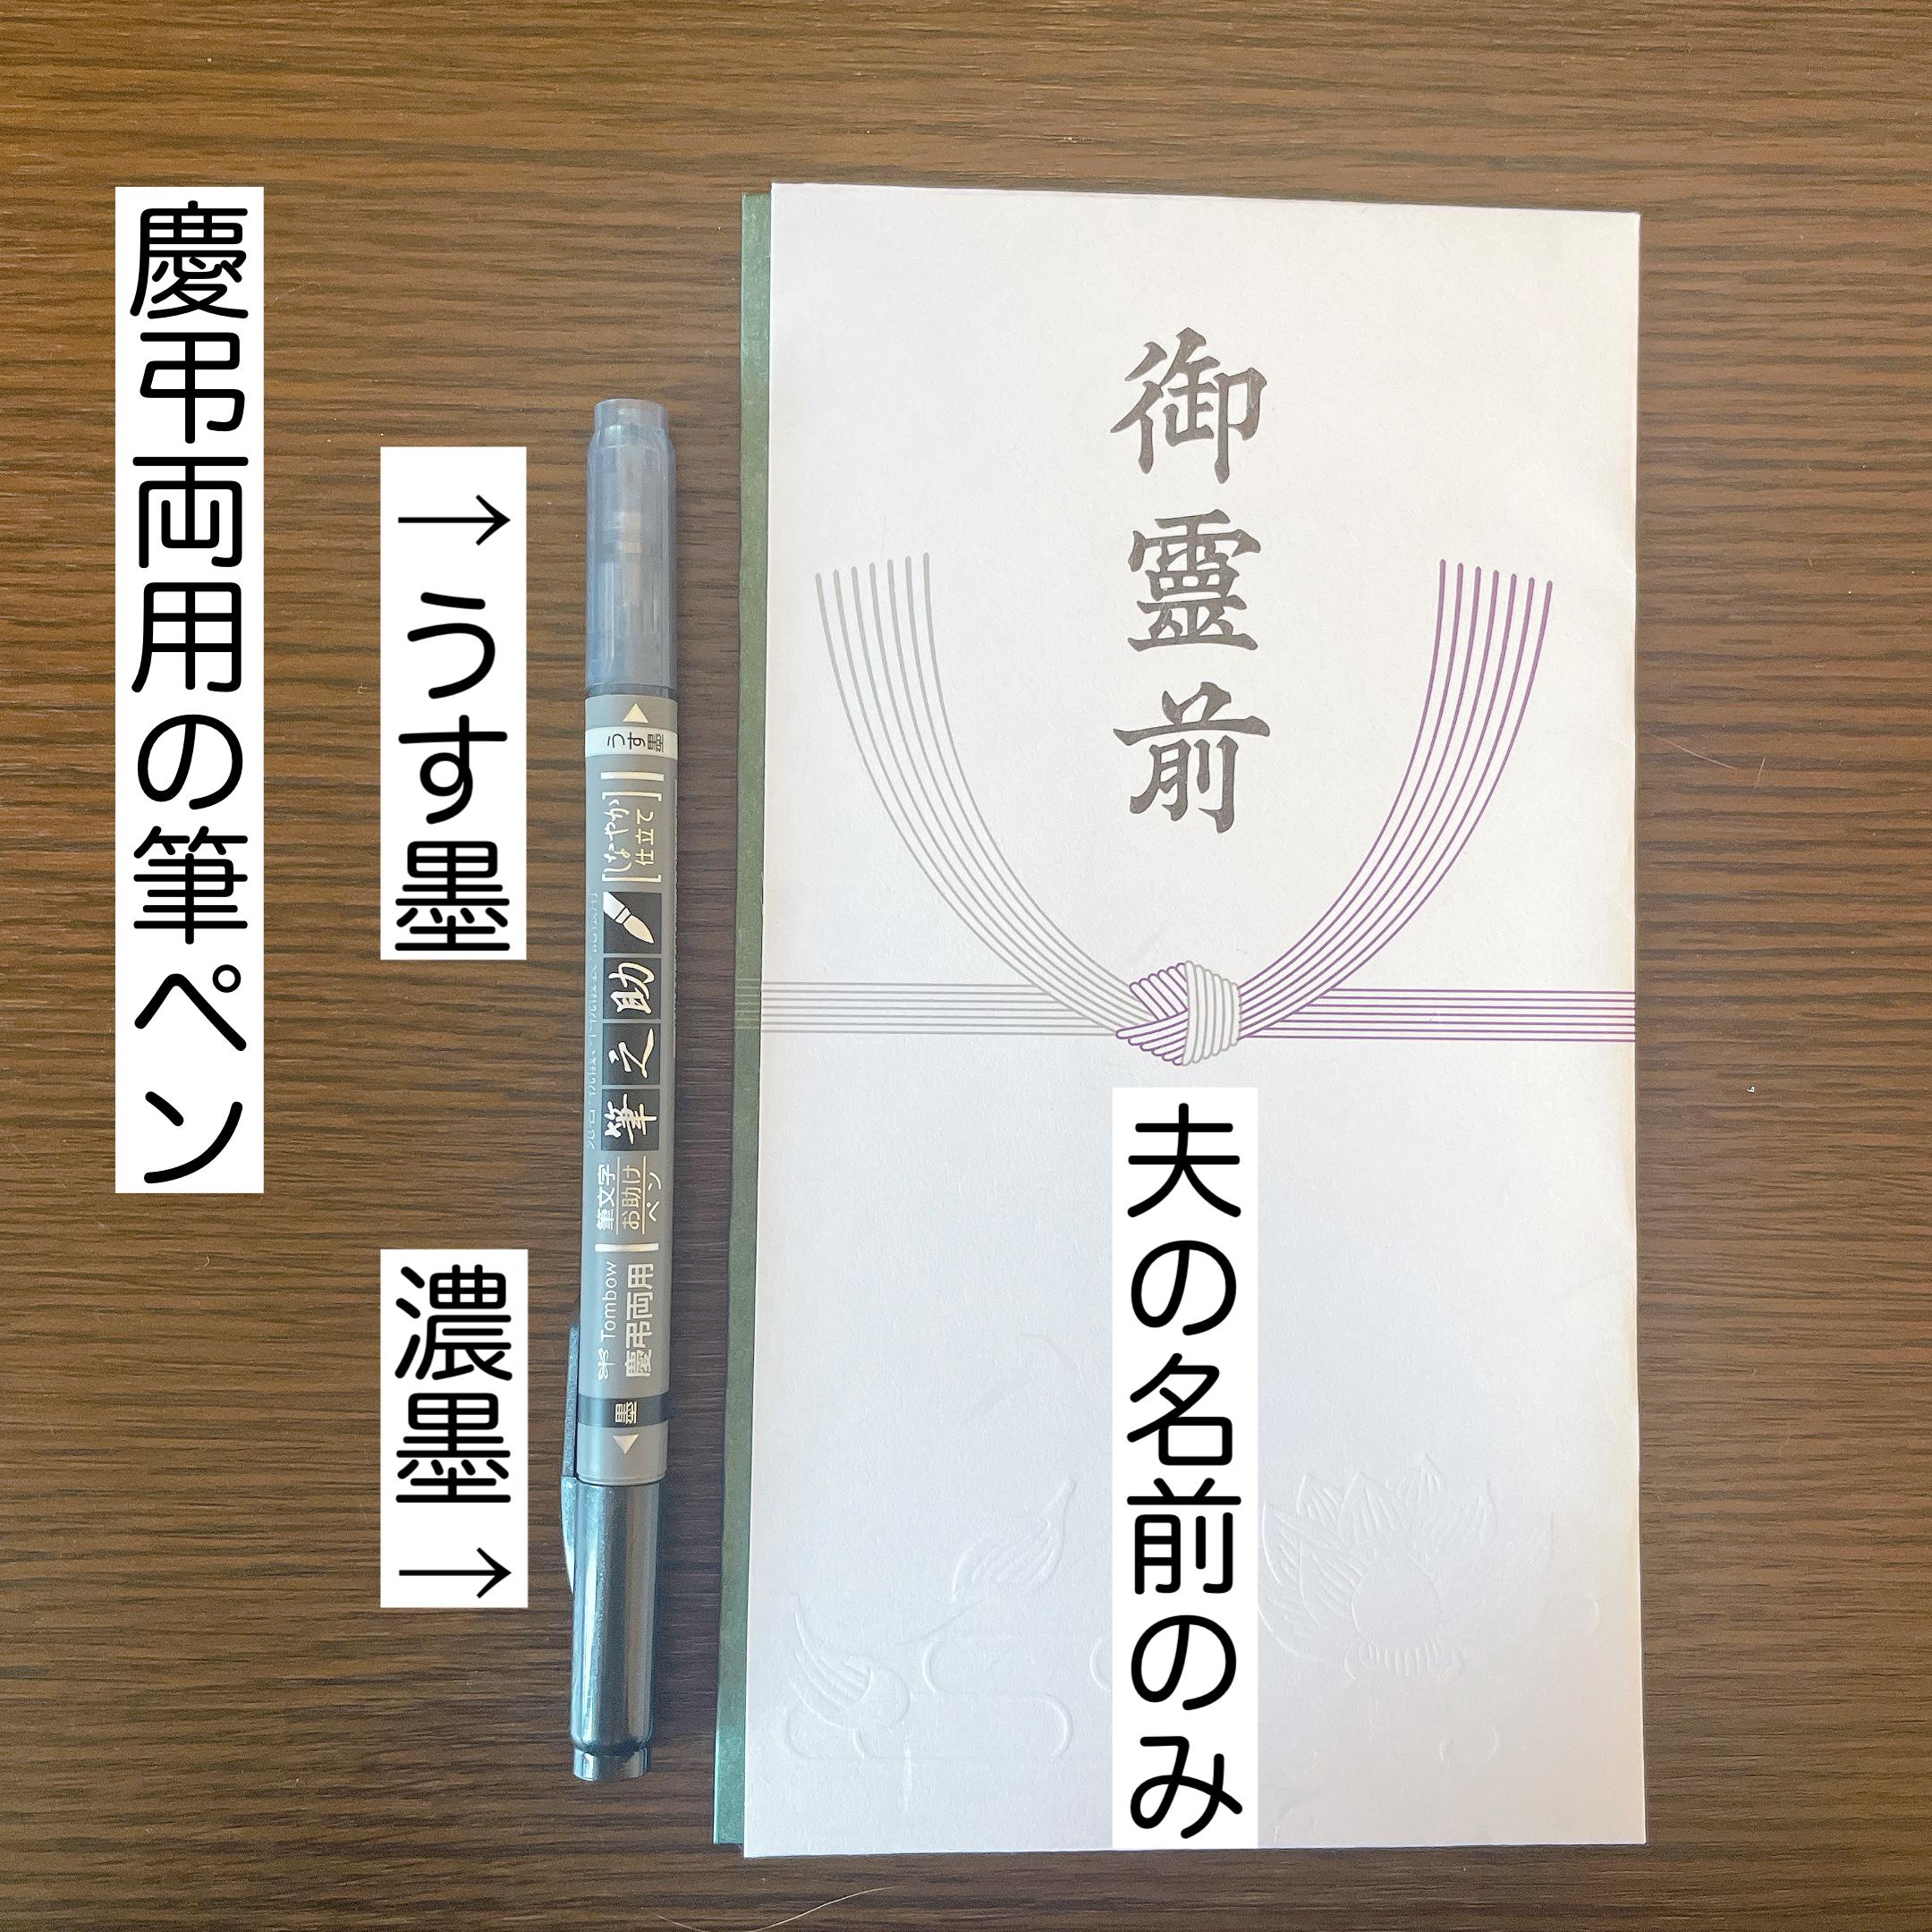 御霊前の袋と慶弔用の筆ペンの写真。御霊前の下部は夫の名前のみ書く